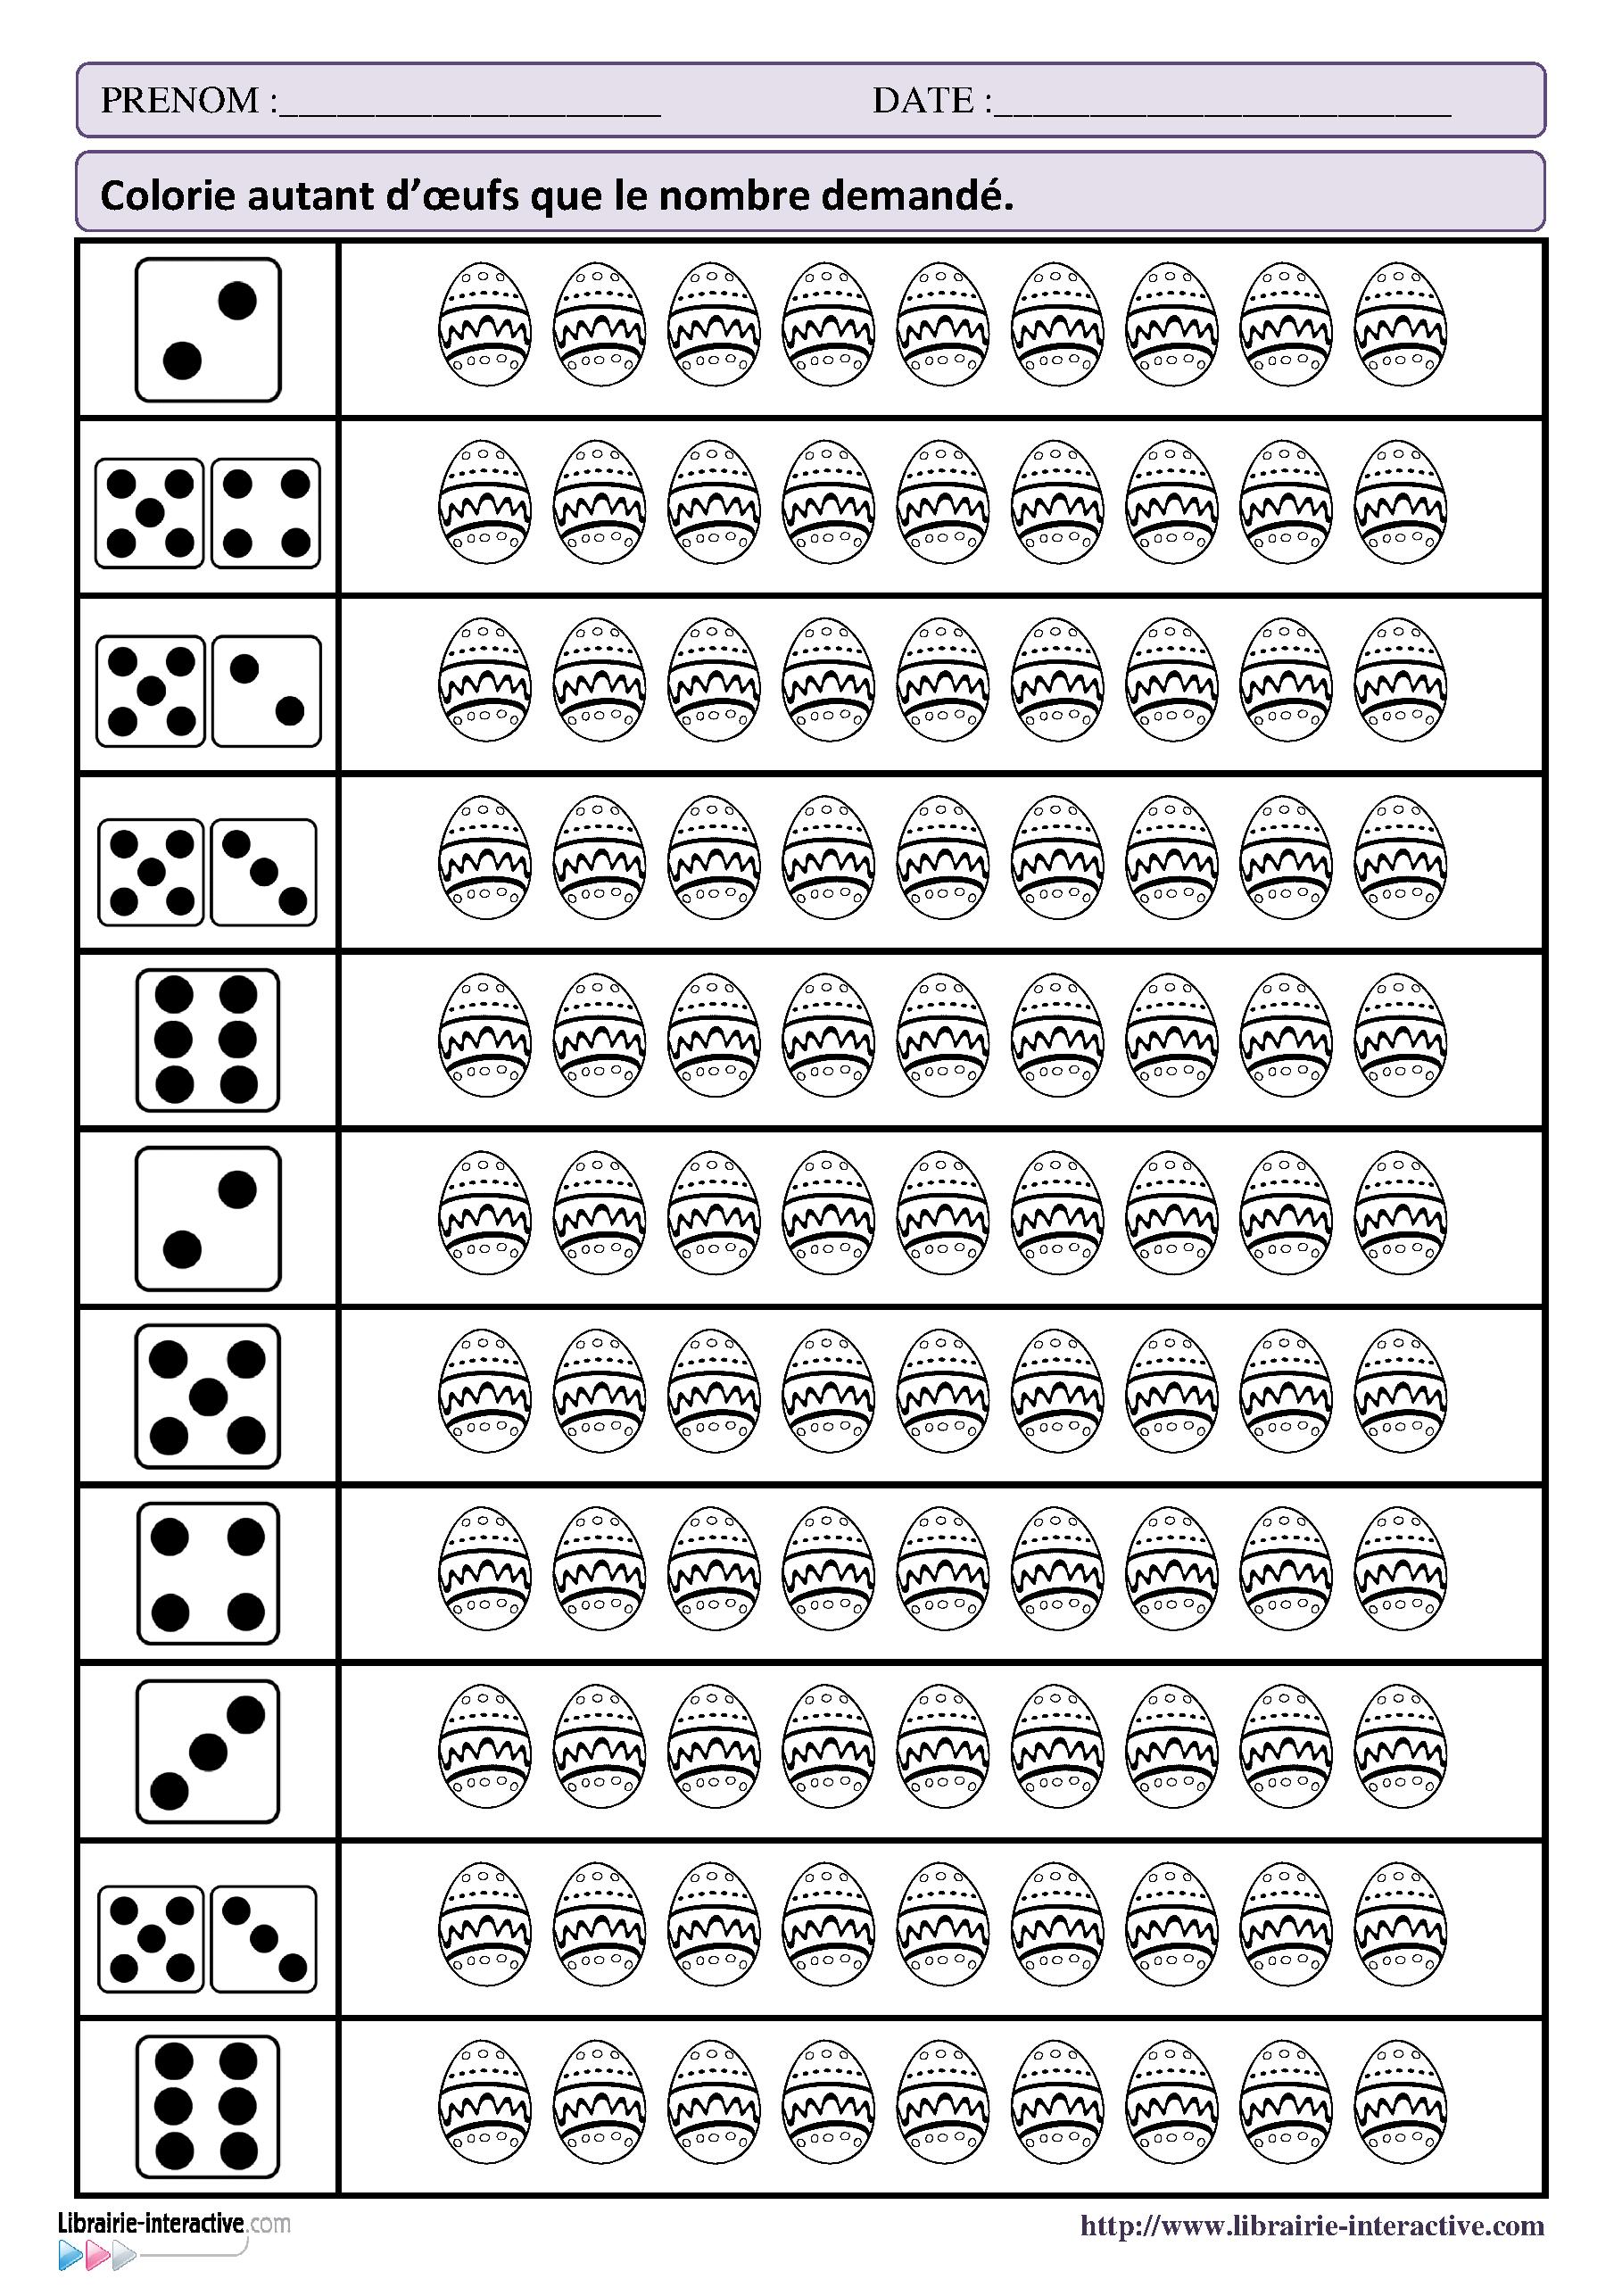 32 Fiches D Exercices Mathematiques Pour La Maternelle Ps